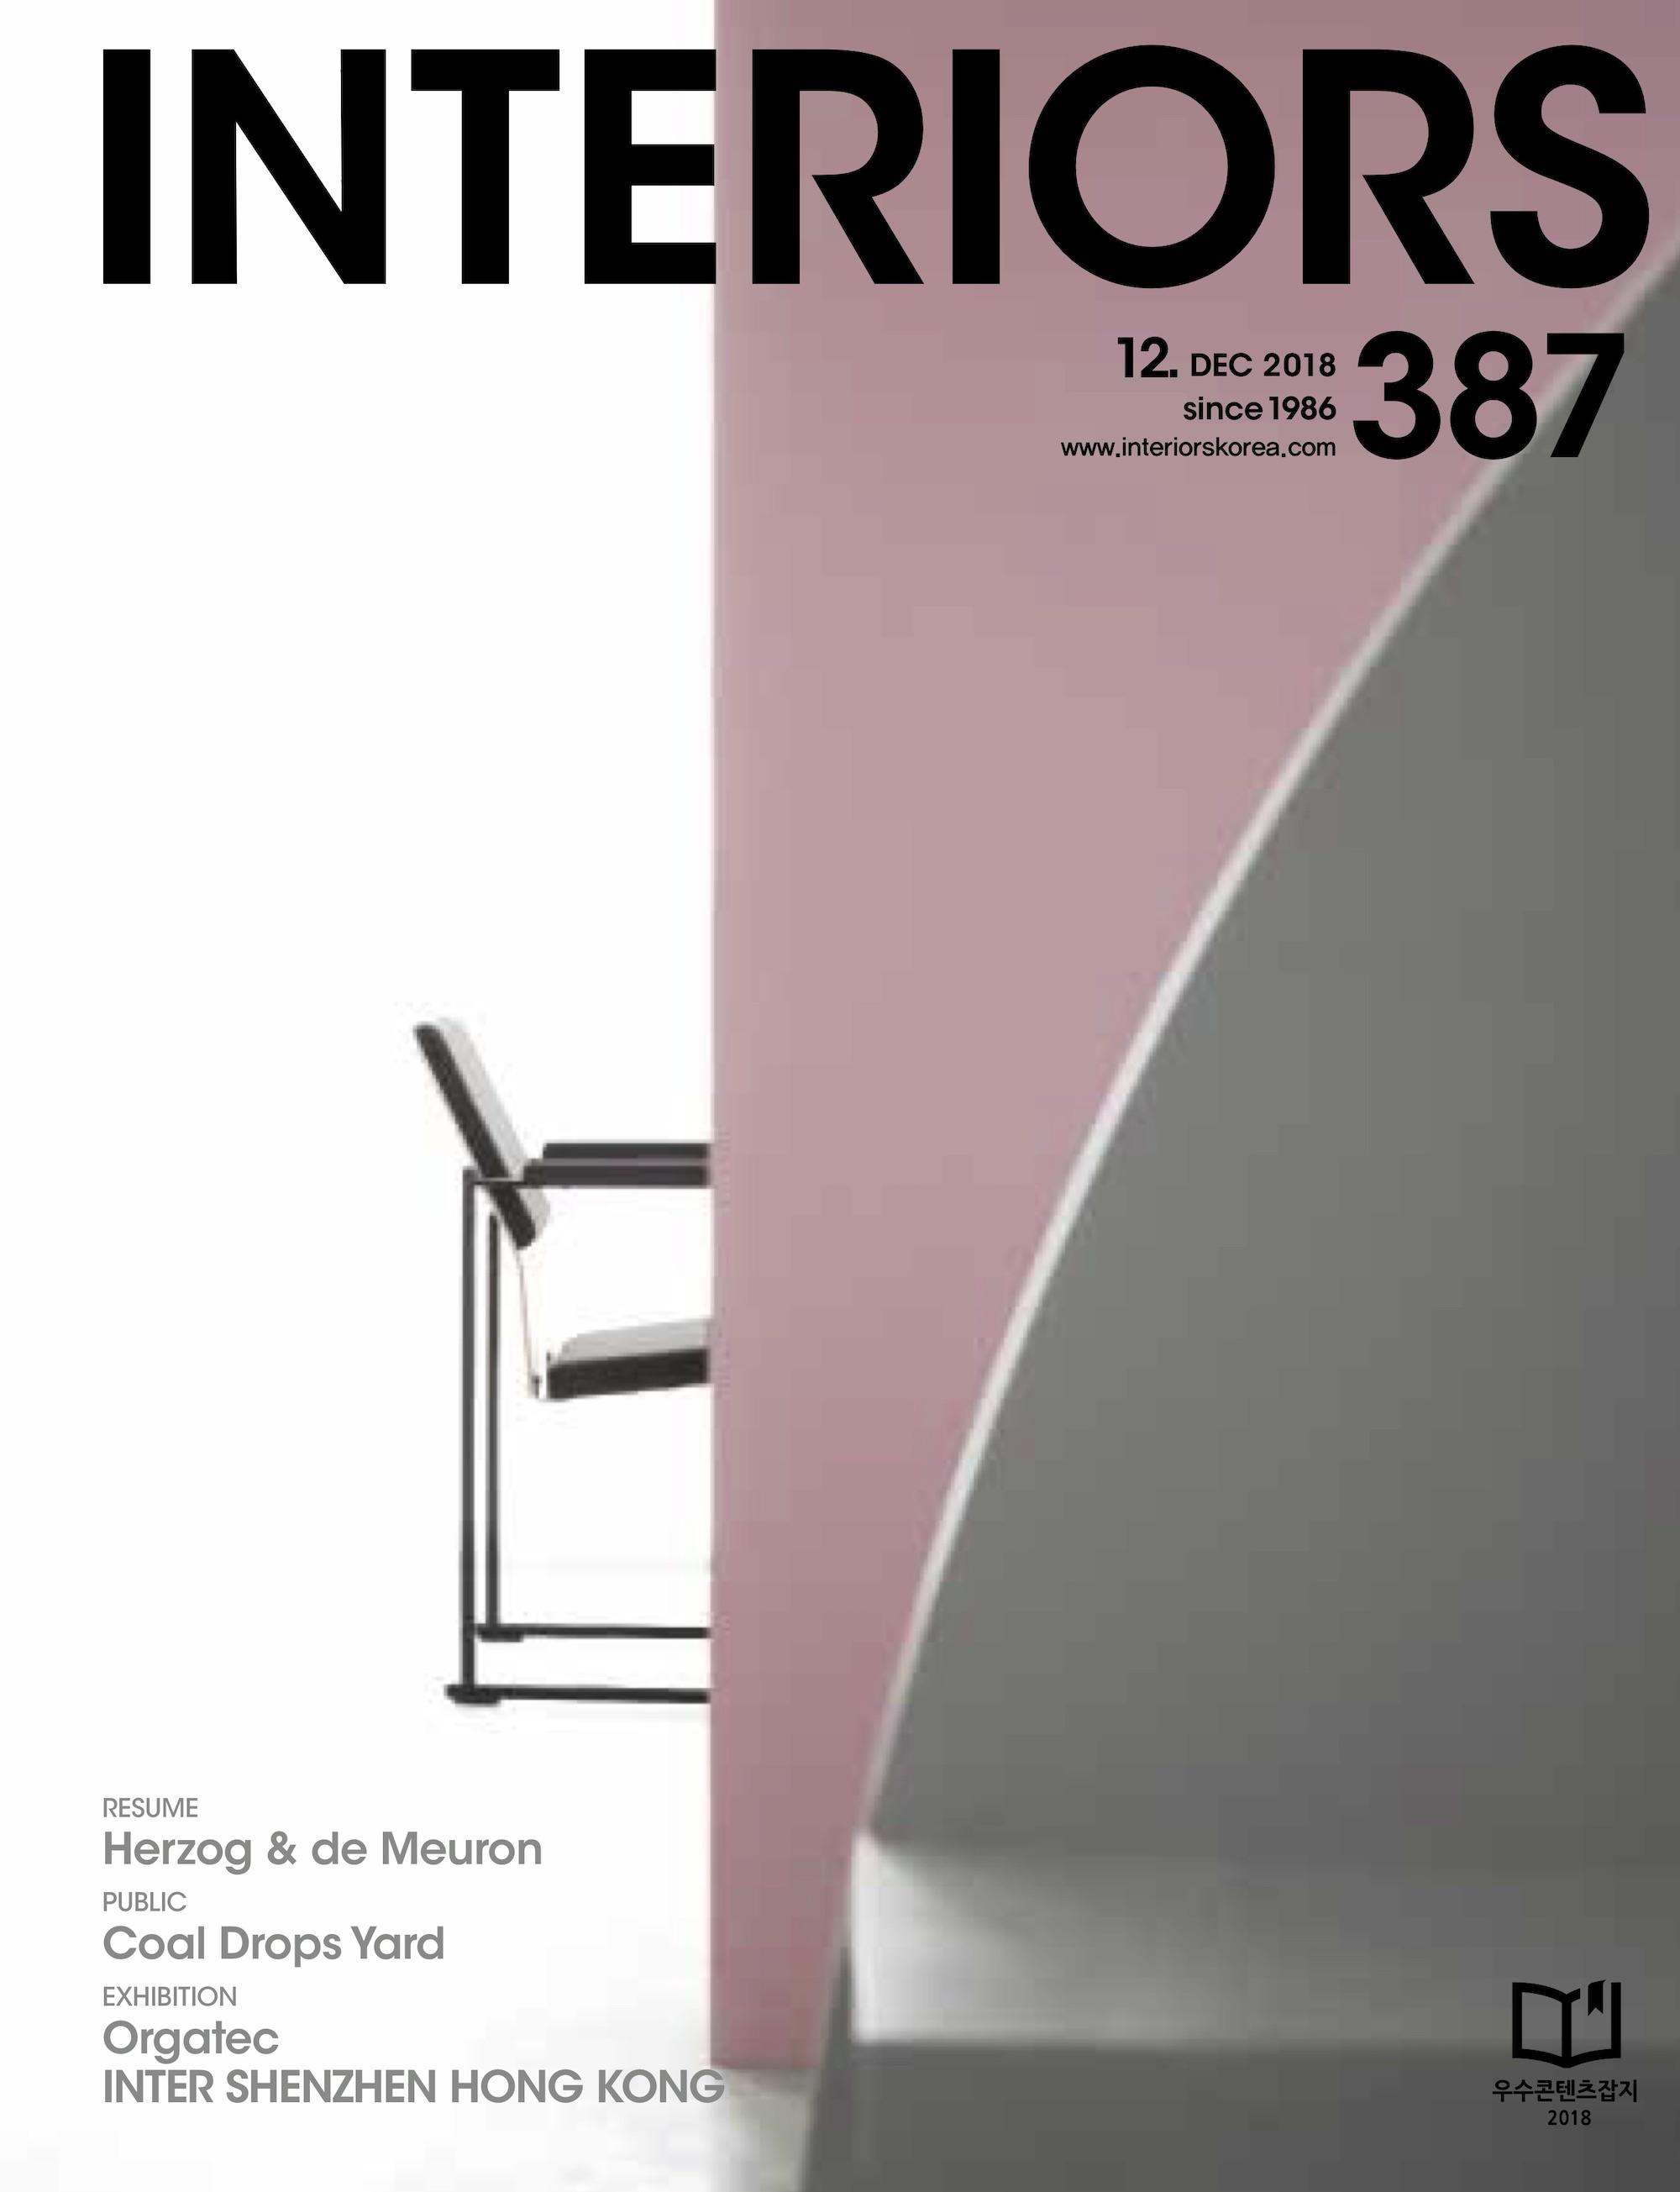 201812 韩国Interiors 封面 0.jpg